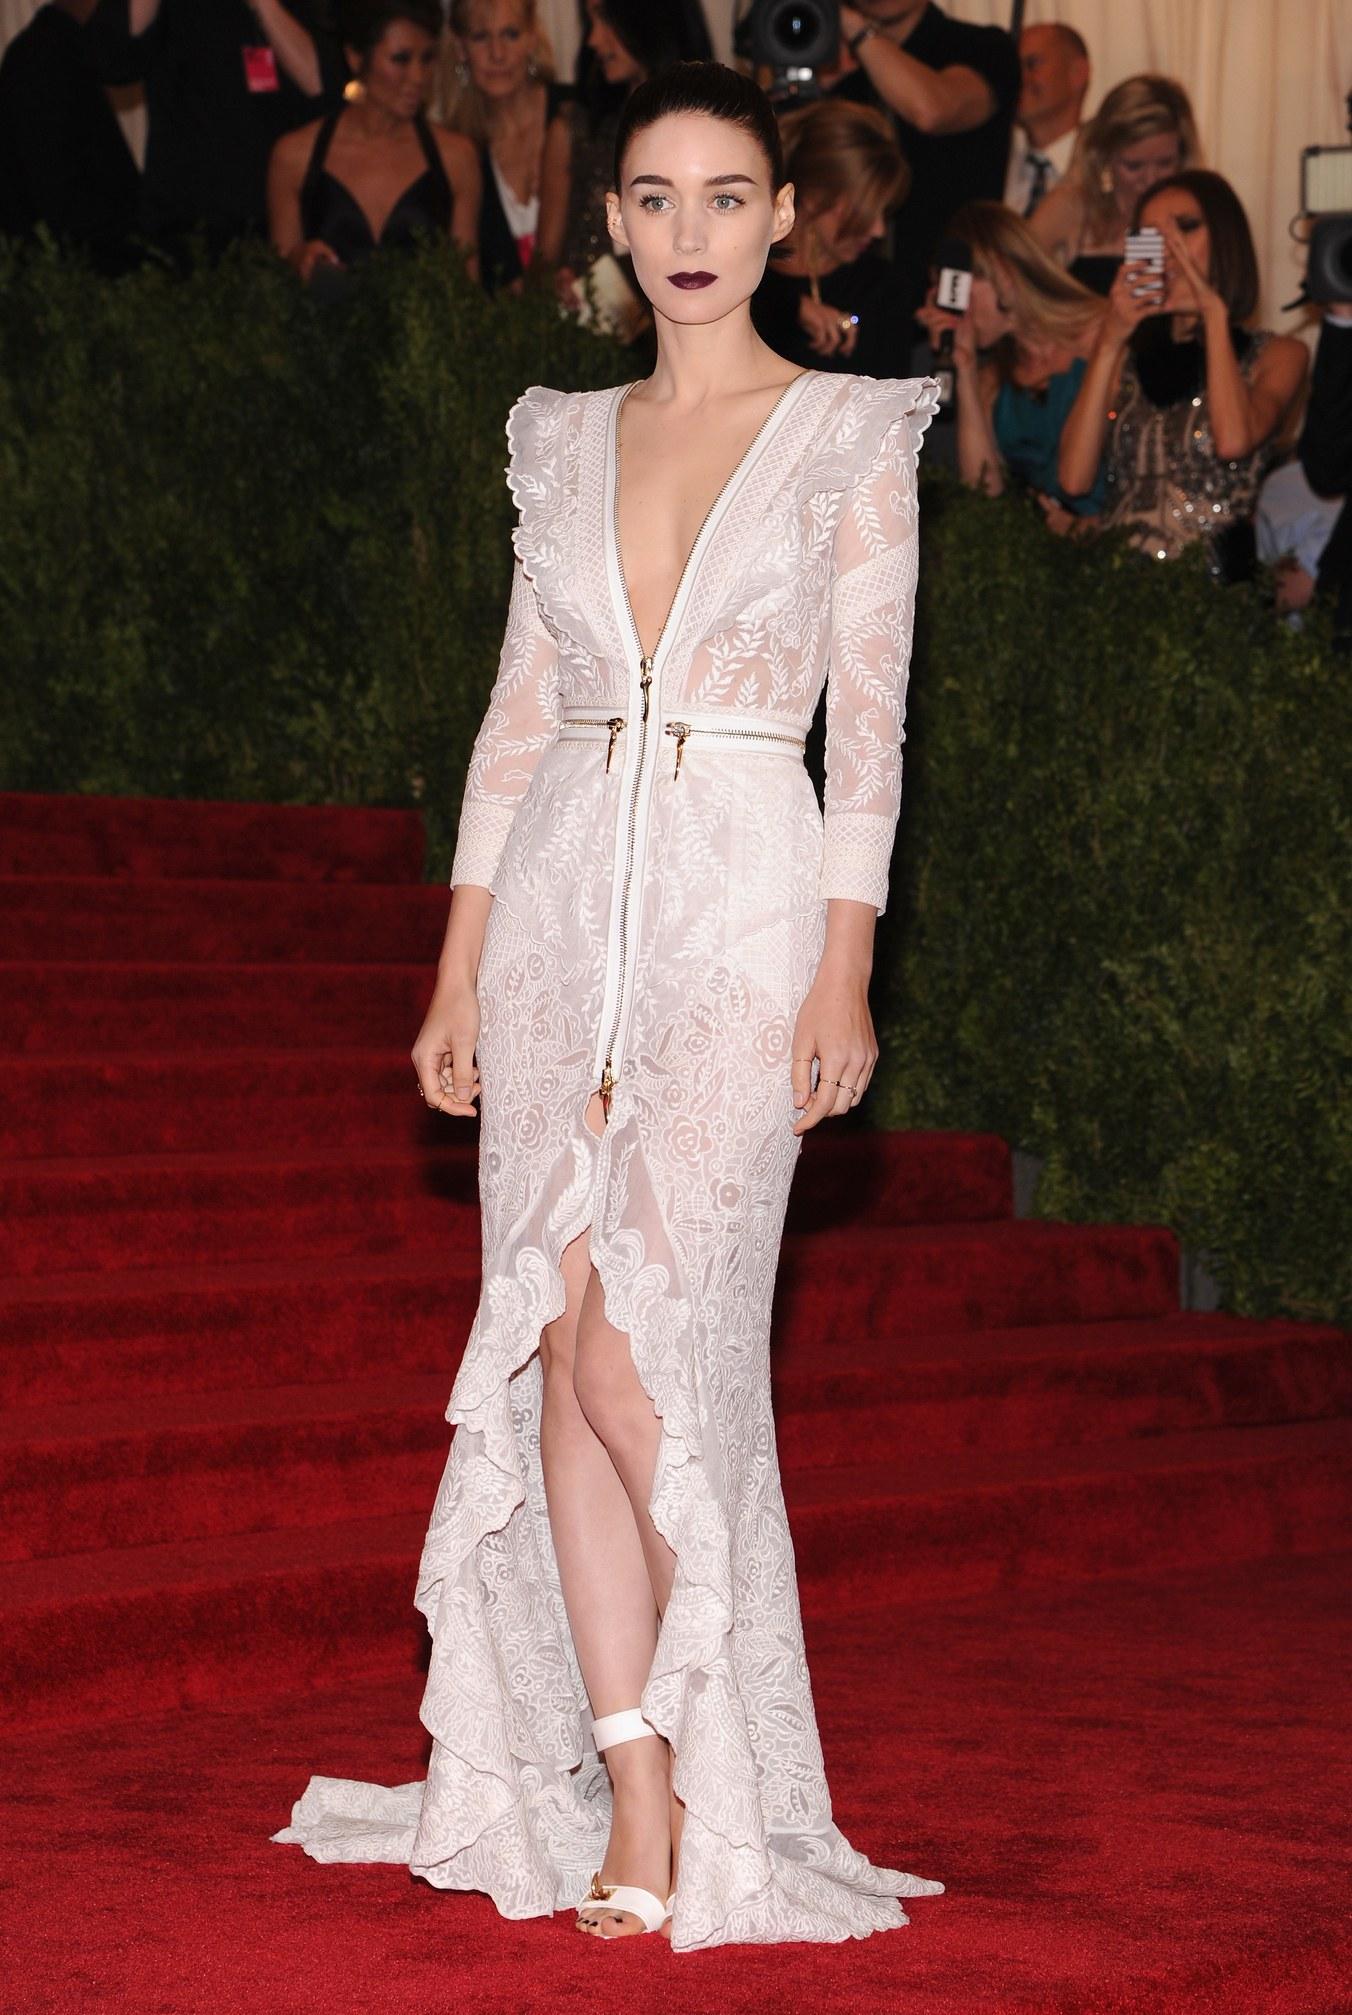 Rooney Mara in Givenchy 2013.jpg